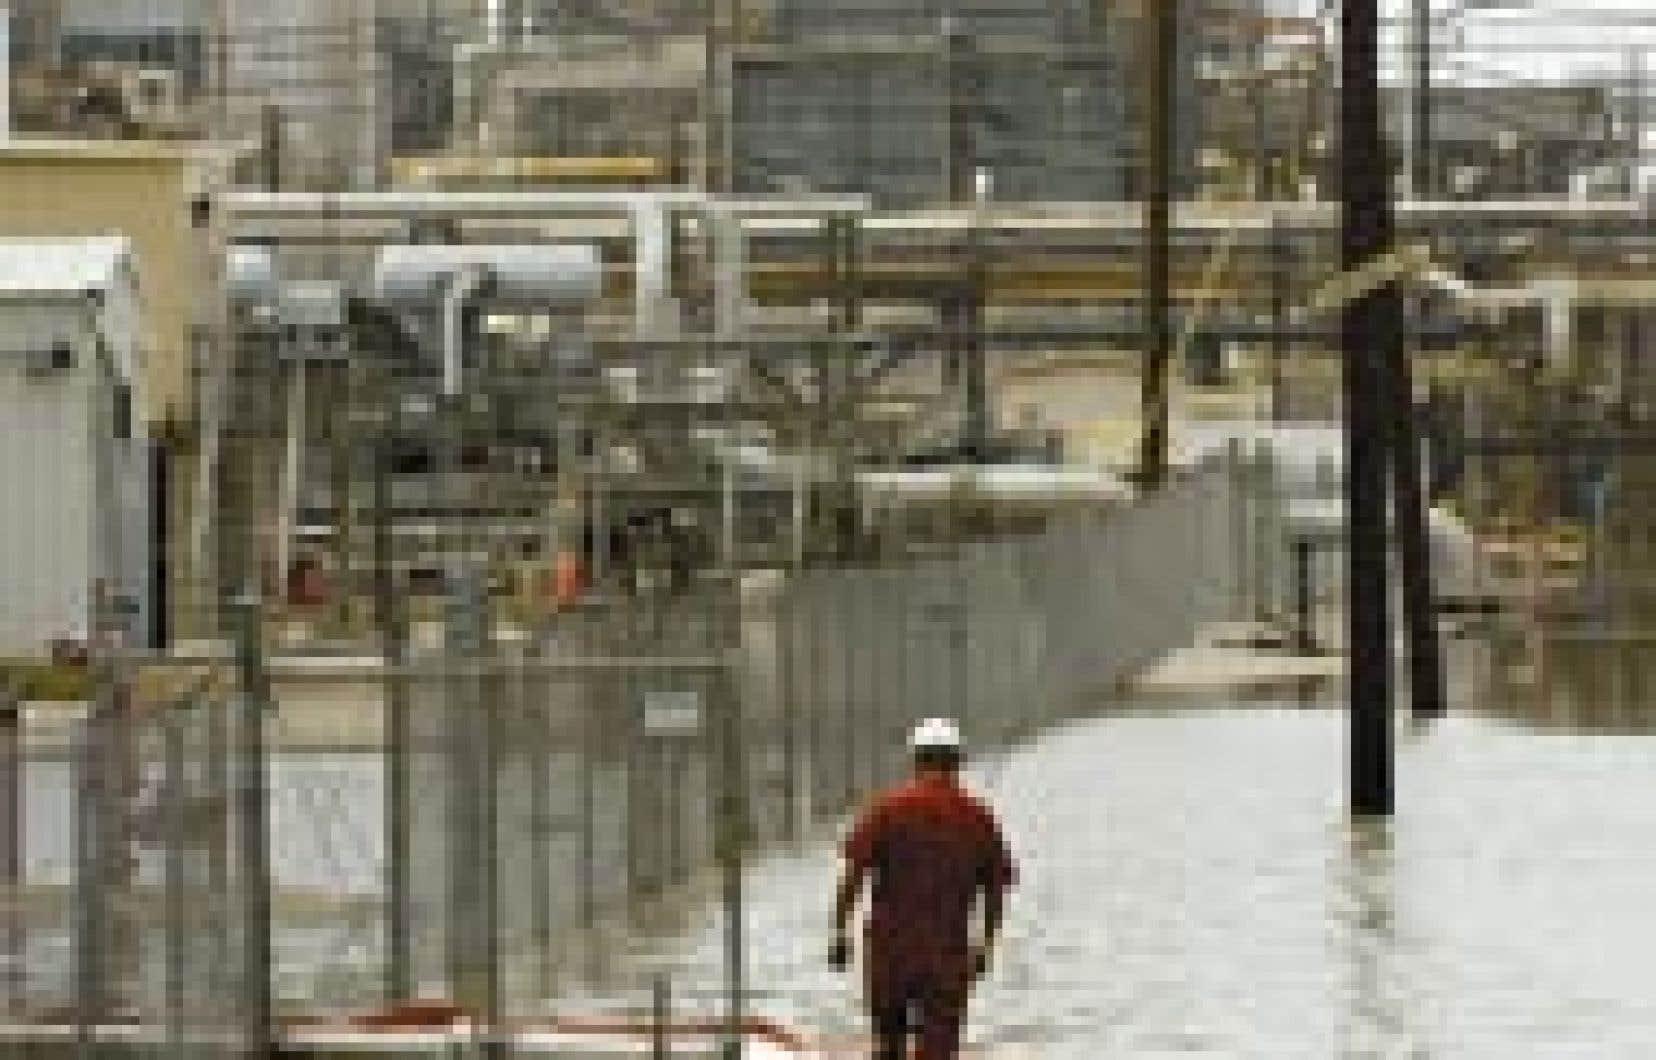 Des mesures ont dû être prises pour endiguer un déversement de pétrole, hier, à la raffinerie Valero, à Port Arthur, au Texas, la seule raffinerie où des dégâts sérieux ont été constatés à la suite du passage de l'ouragan Rita.